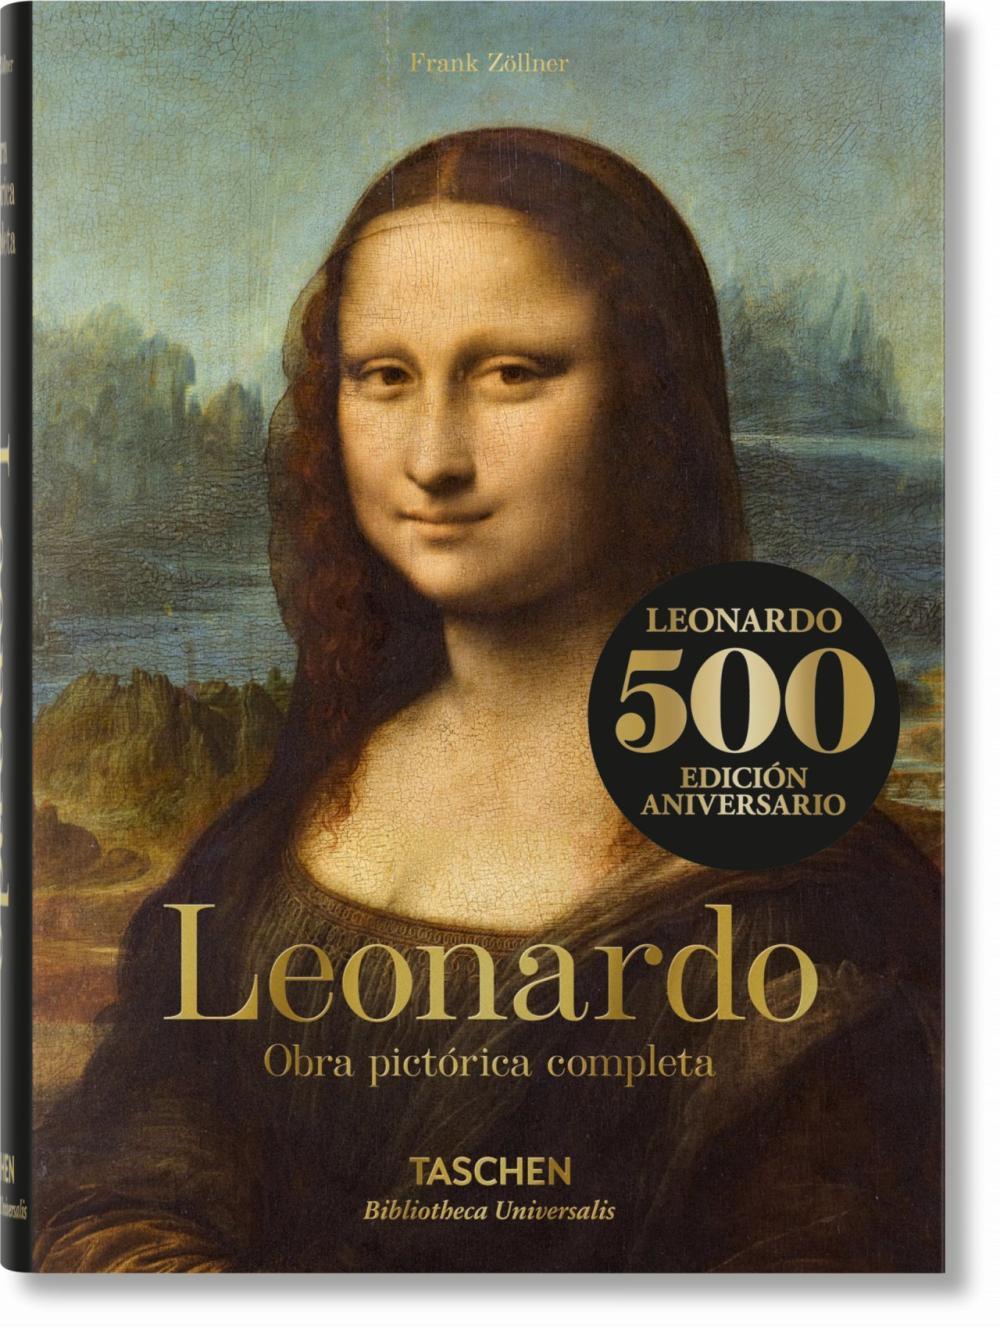 Leonardo da Vinci. Obra pictórica completa